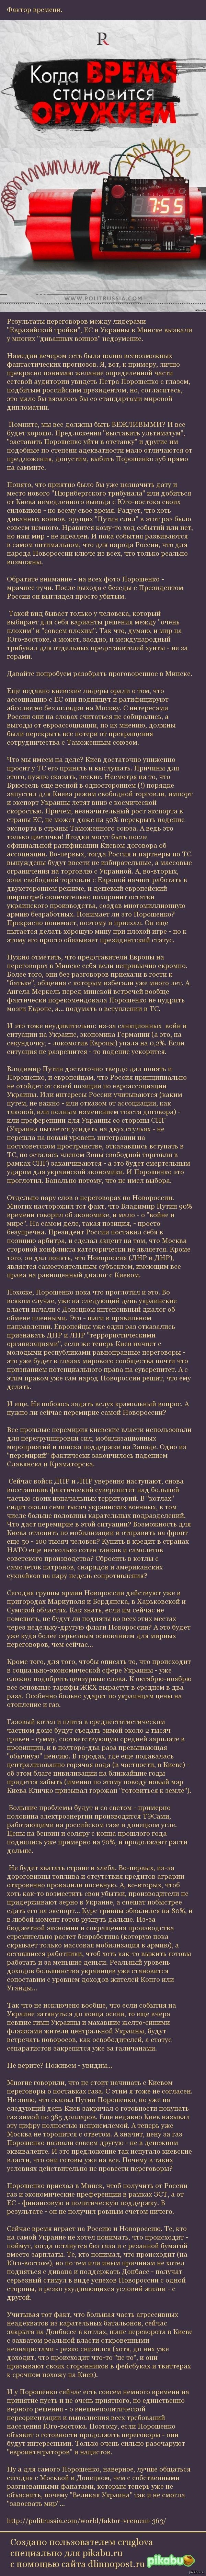 Фактор времени. Сейчас время играет на Россию и Новороссию. Те, кто на самой Украине не хотел понимать, что происходит - поймут, когда останутся без газа и с резанной бумагой вместо зарплаты.